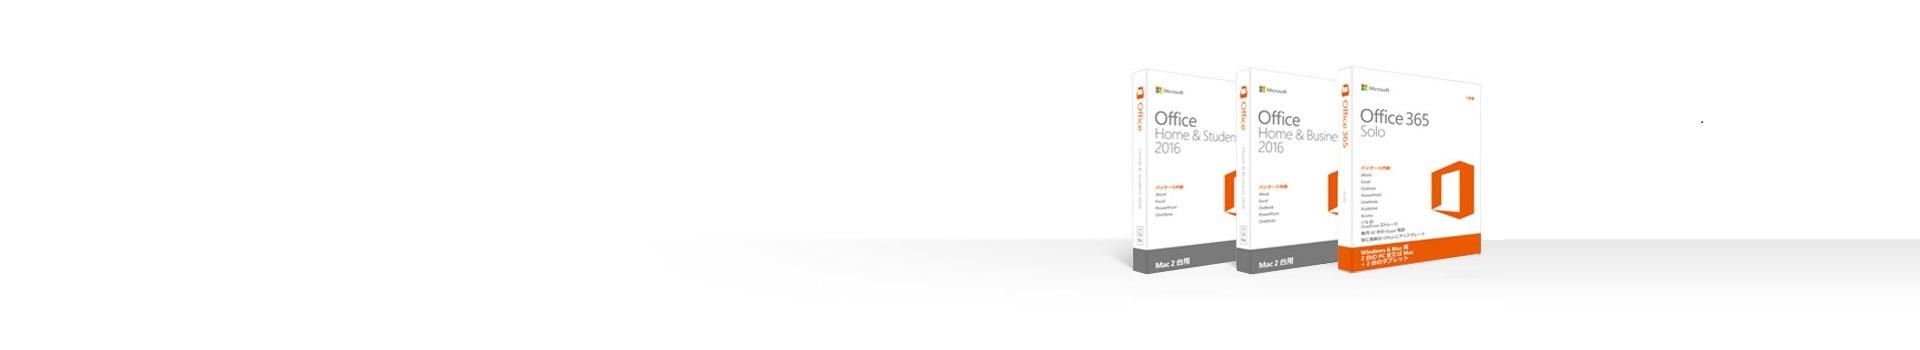 Mac 用の Office 2016 と Office 365 の製品の箱が並んでいます